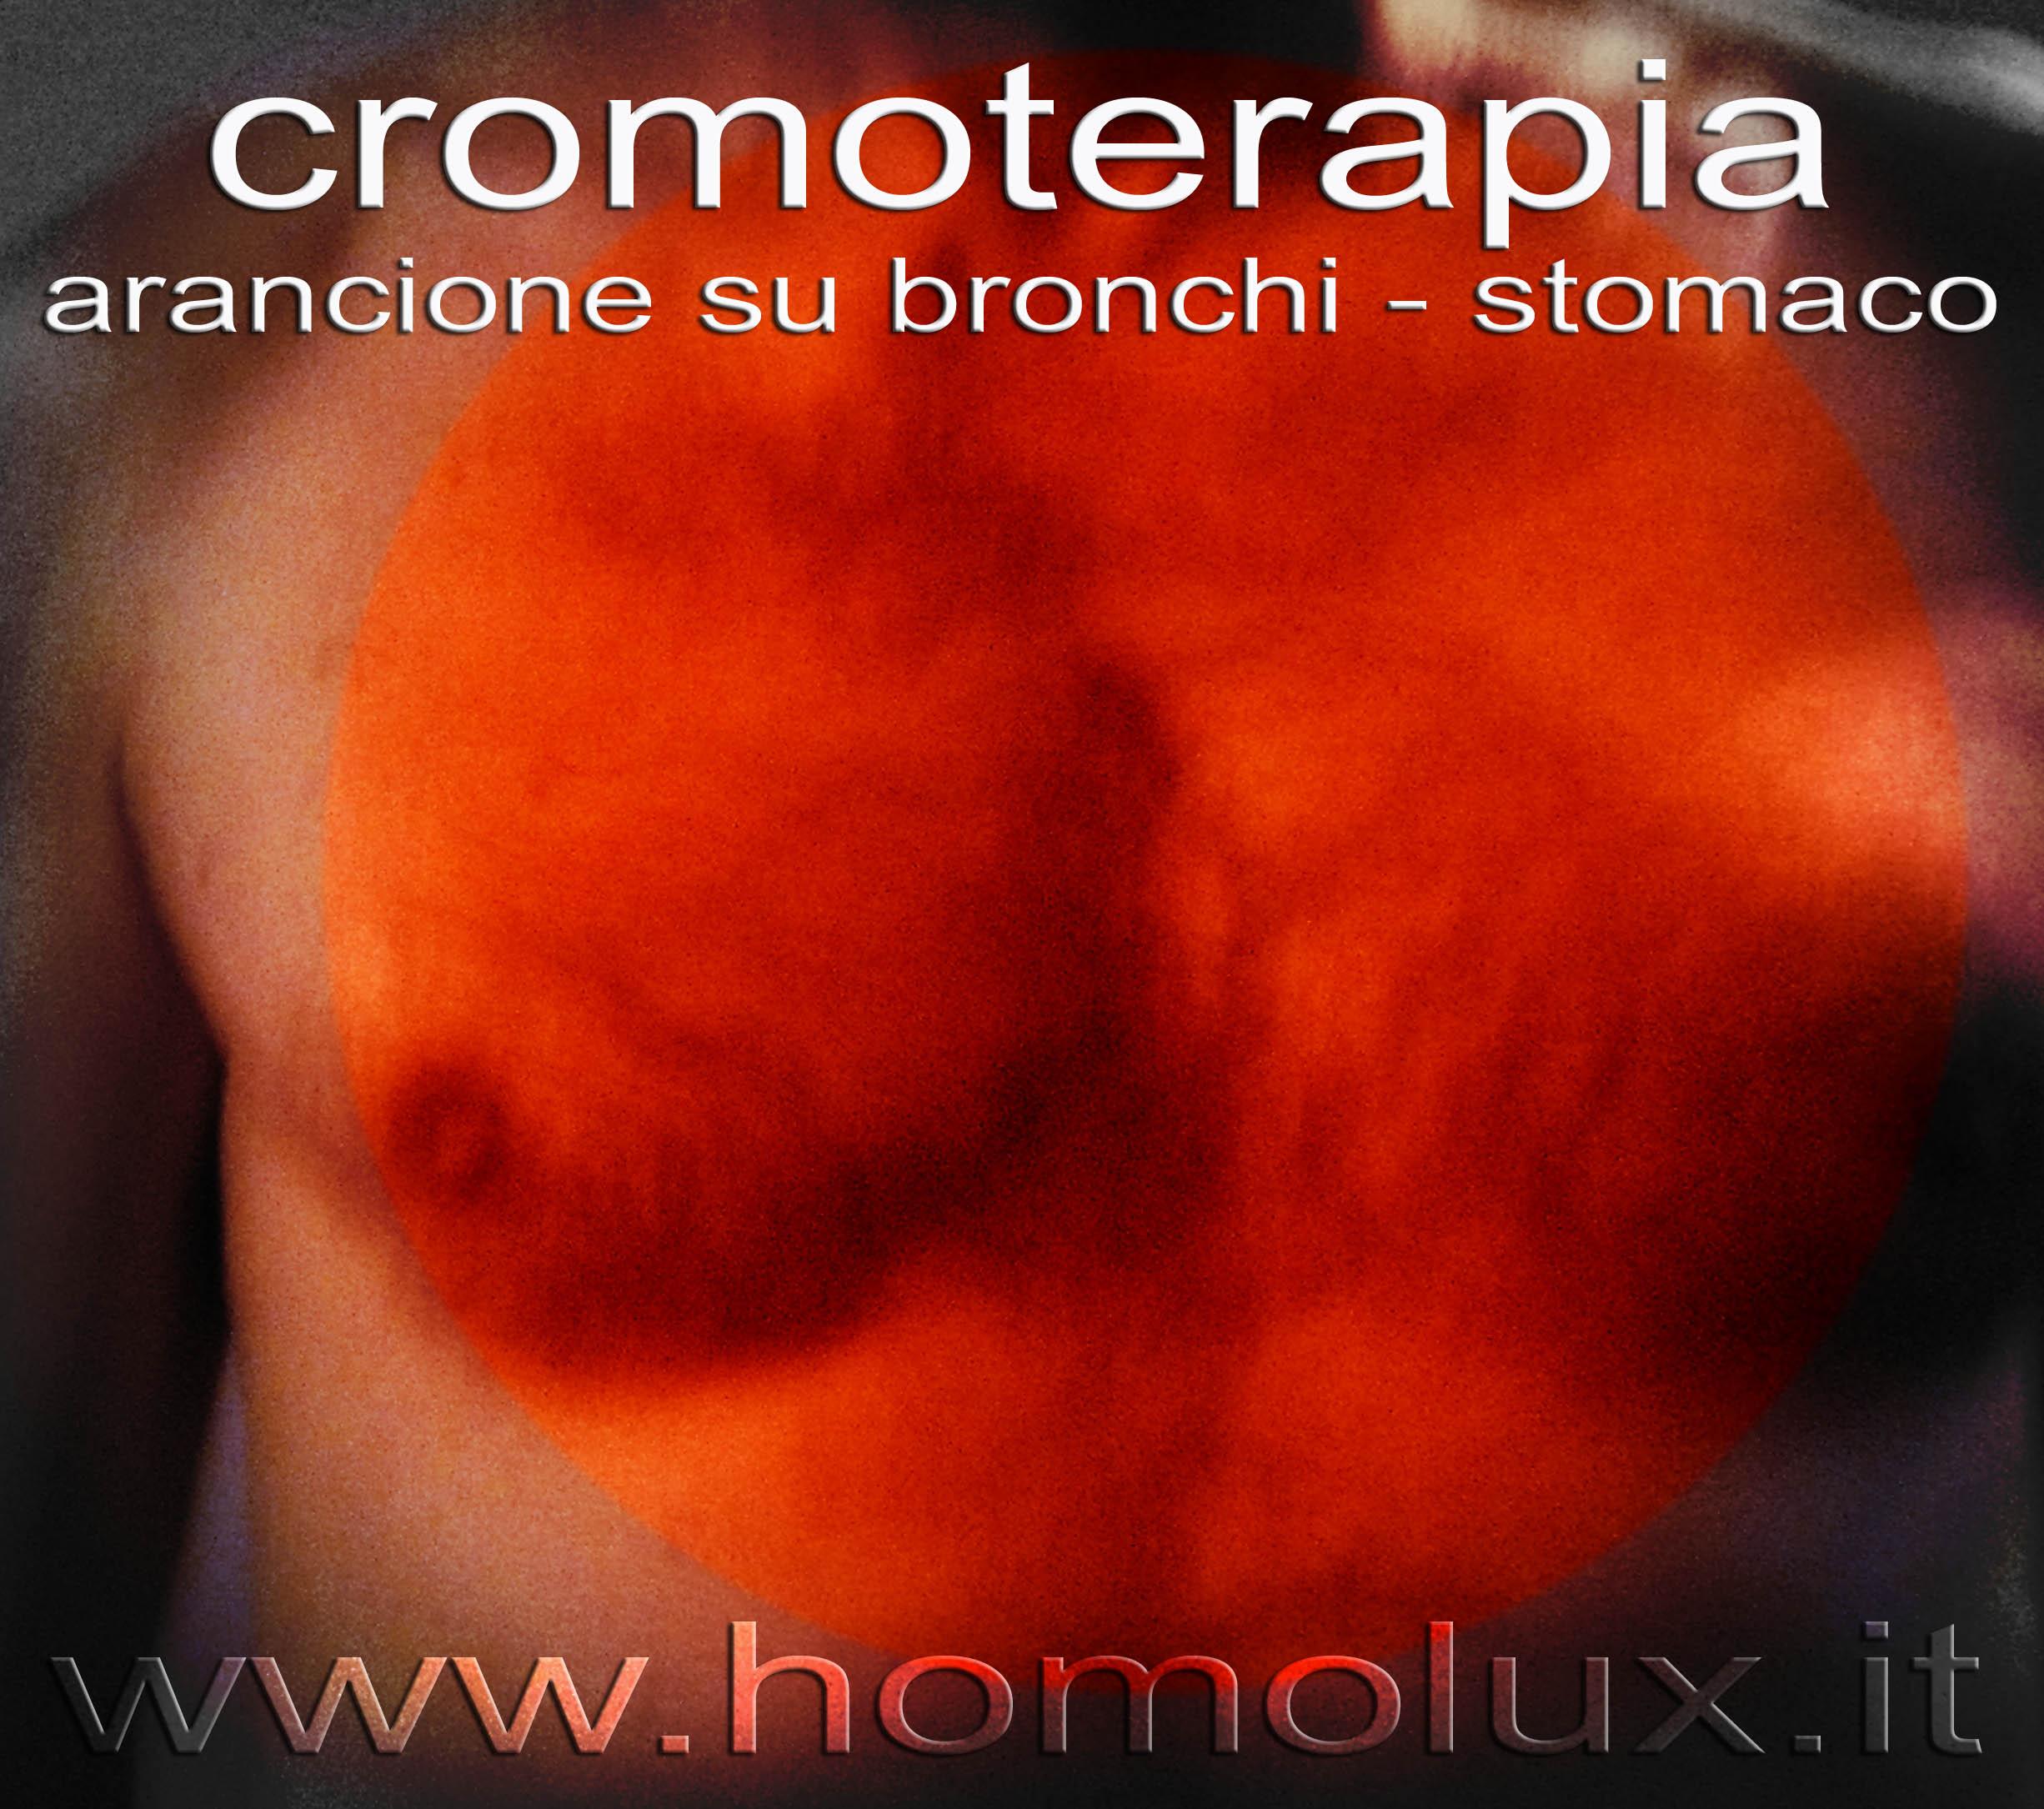 cromoterapia arancione su bronchi stomaco